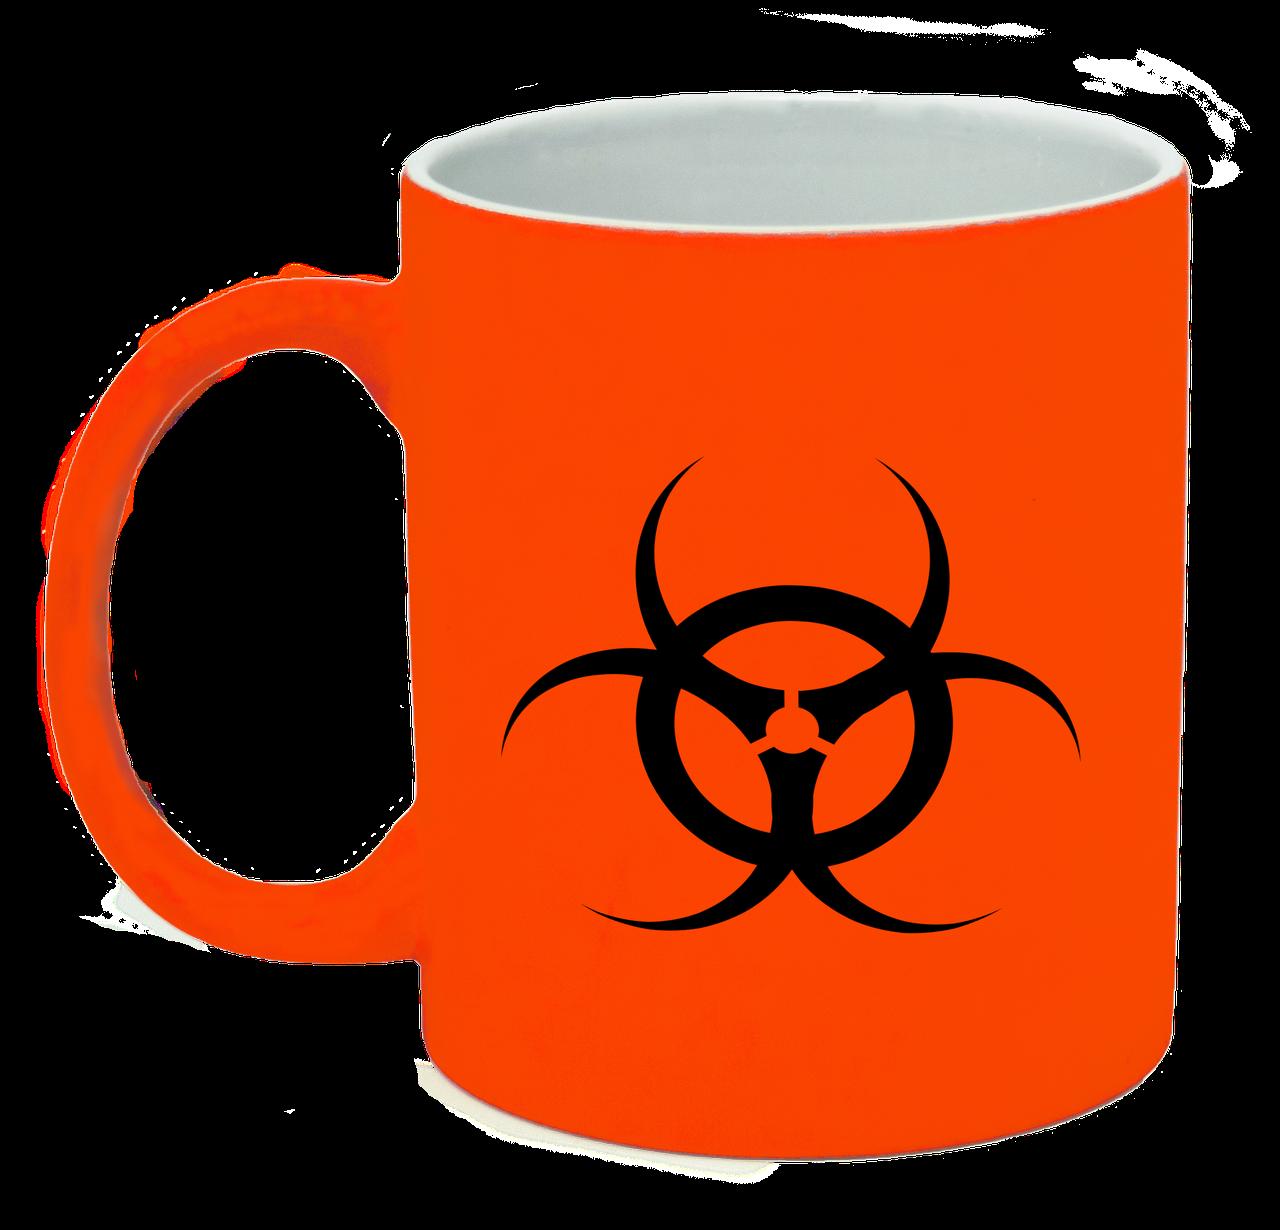 Неоновая матовая чашка Биологическая опасность, ярко-оранжевая